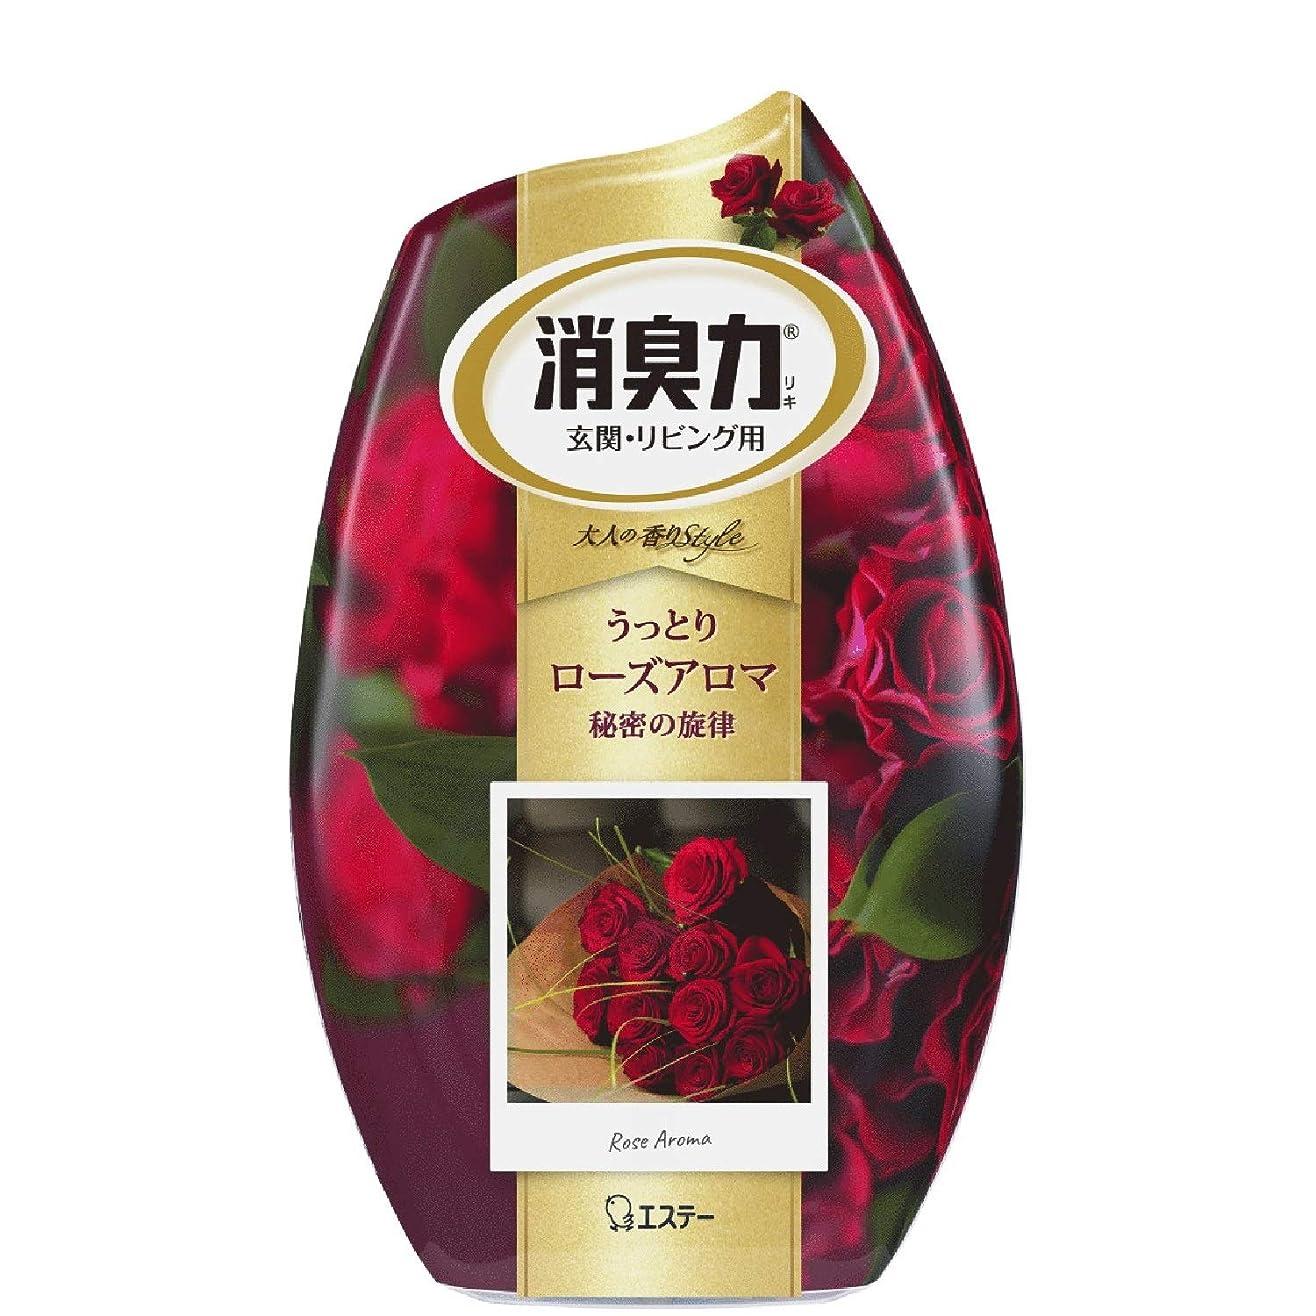 お部屋の消臭力 消臭芳香剤 部屋用 部屋 うっとりローズアロマの香り 400ml